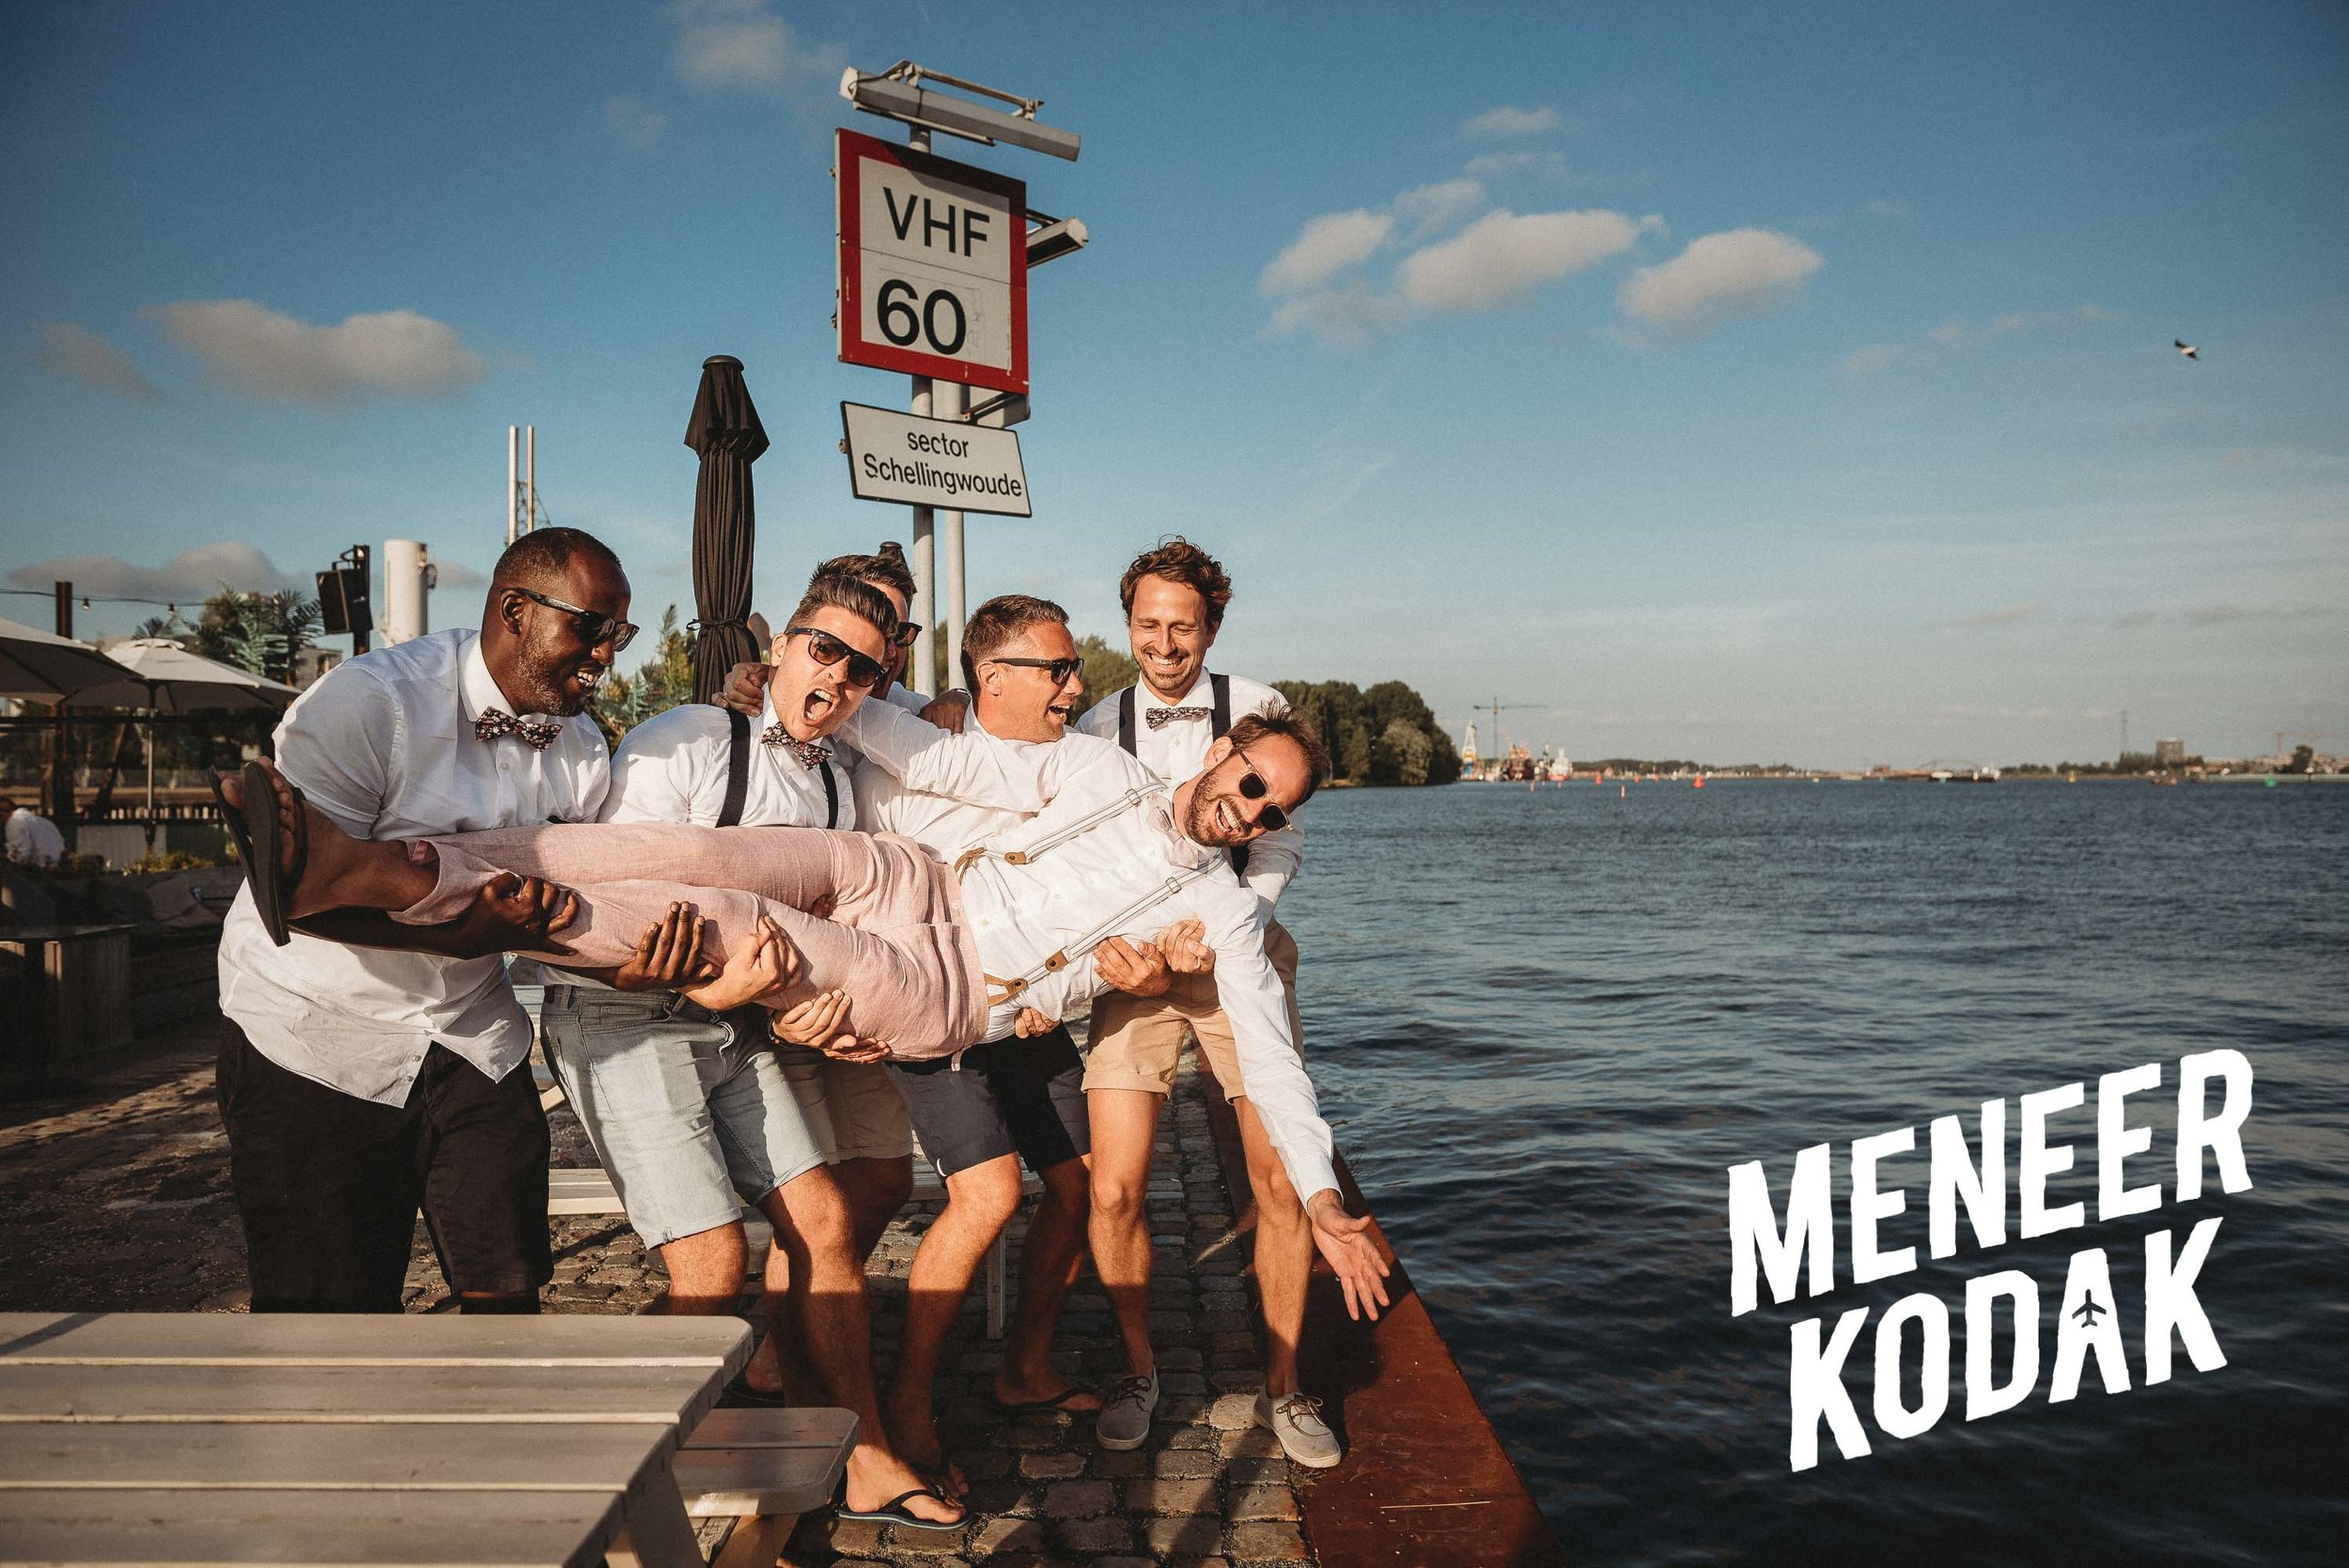 Meneer Kodak - Trouwfotograaf - Amsterdam - H&T-116.jpg